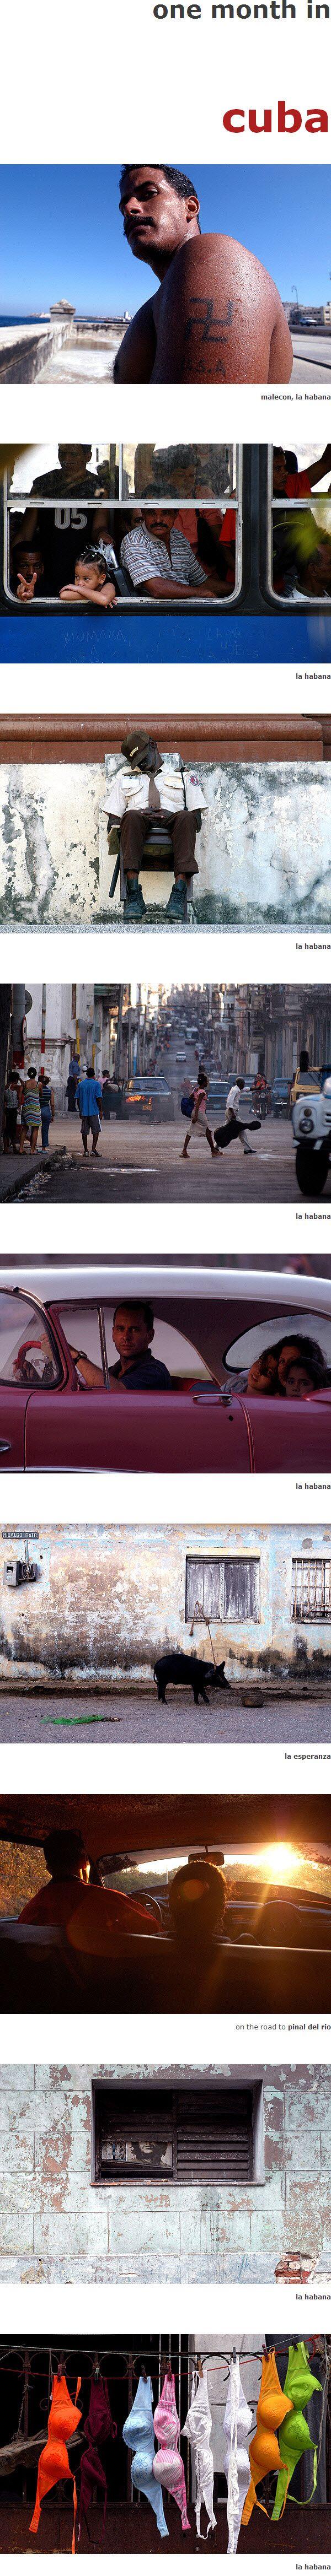 egy hónap Kubában